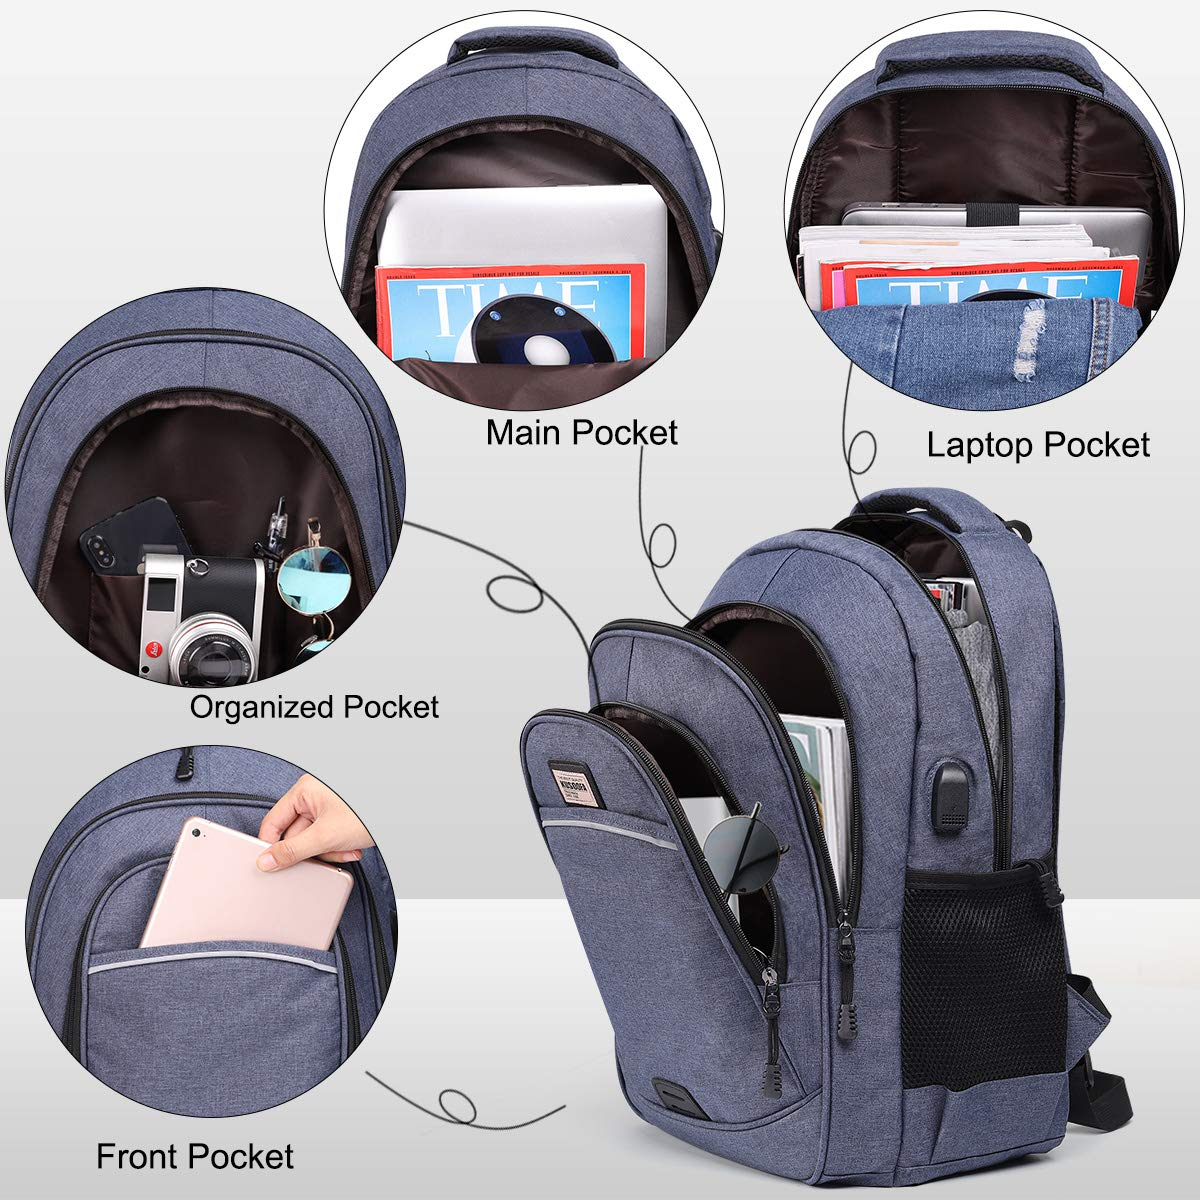 Blau Herren Rucksack mit USB-Ladeanschluss KUSOOFA Business Rucksack Schulrucksack f/ür 15,6 Zoll Laptop Notebook Tablet Rucksack f/ür Schule Arbeit